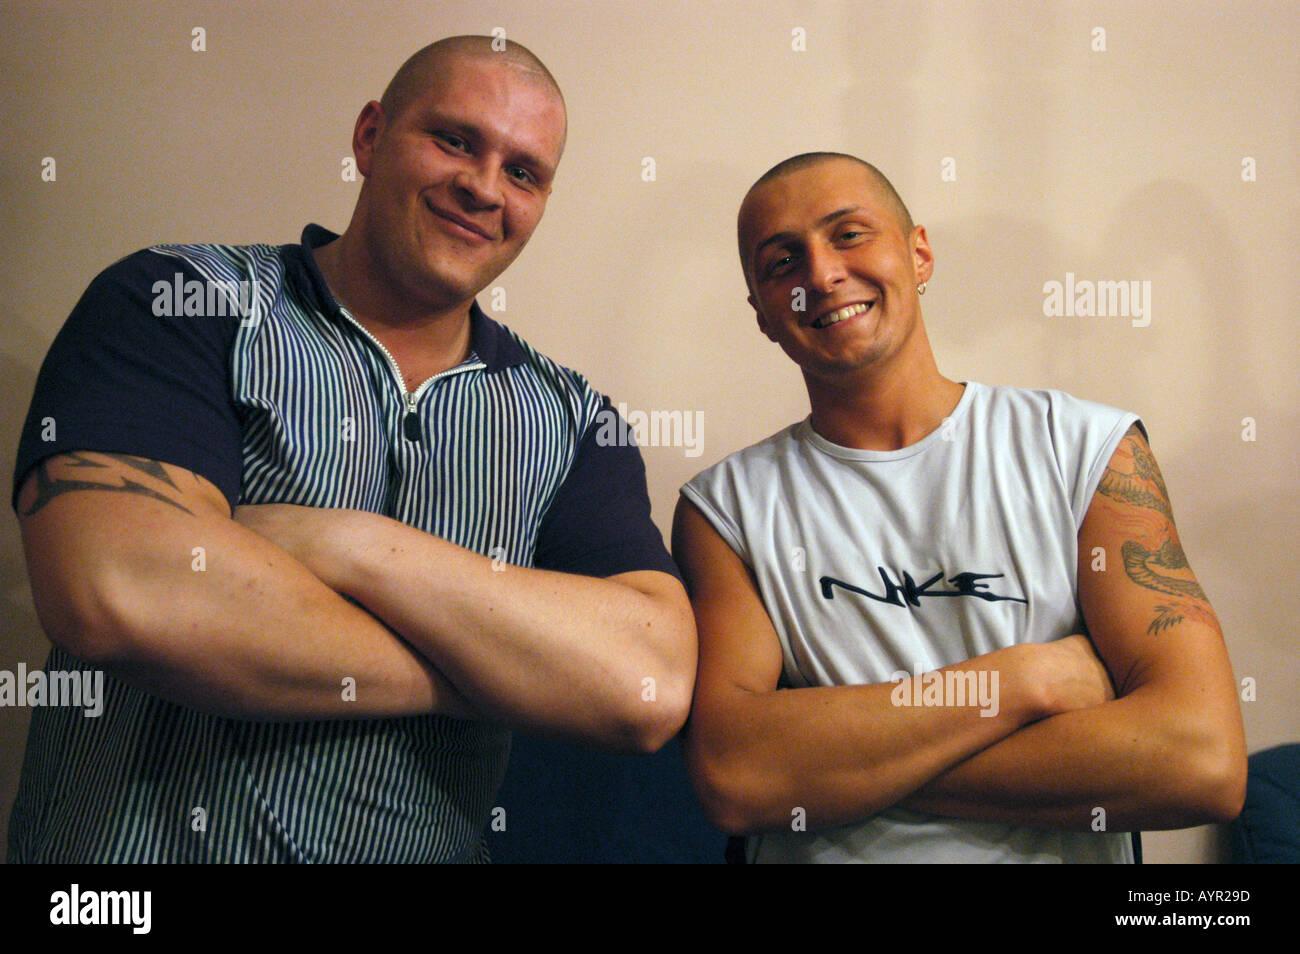 Zwei starke Männer mit klappbarer Arme Blick in die Kamera und lächelnd Stockbild